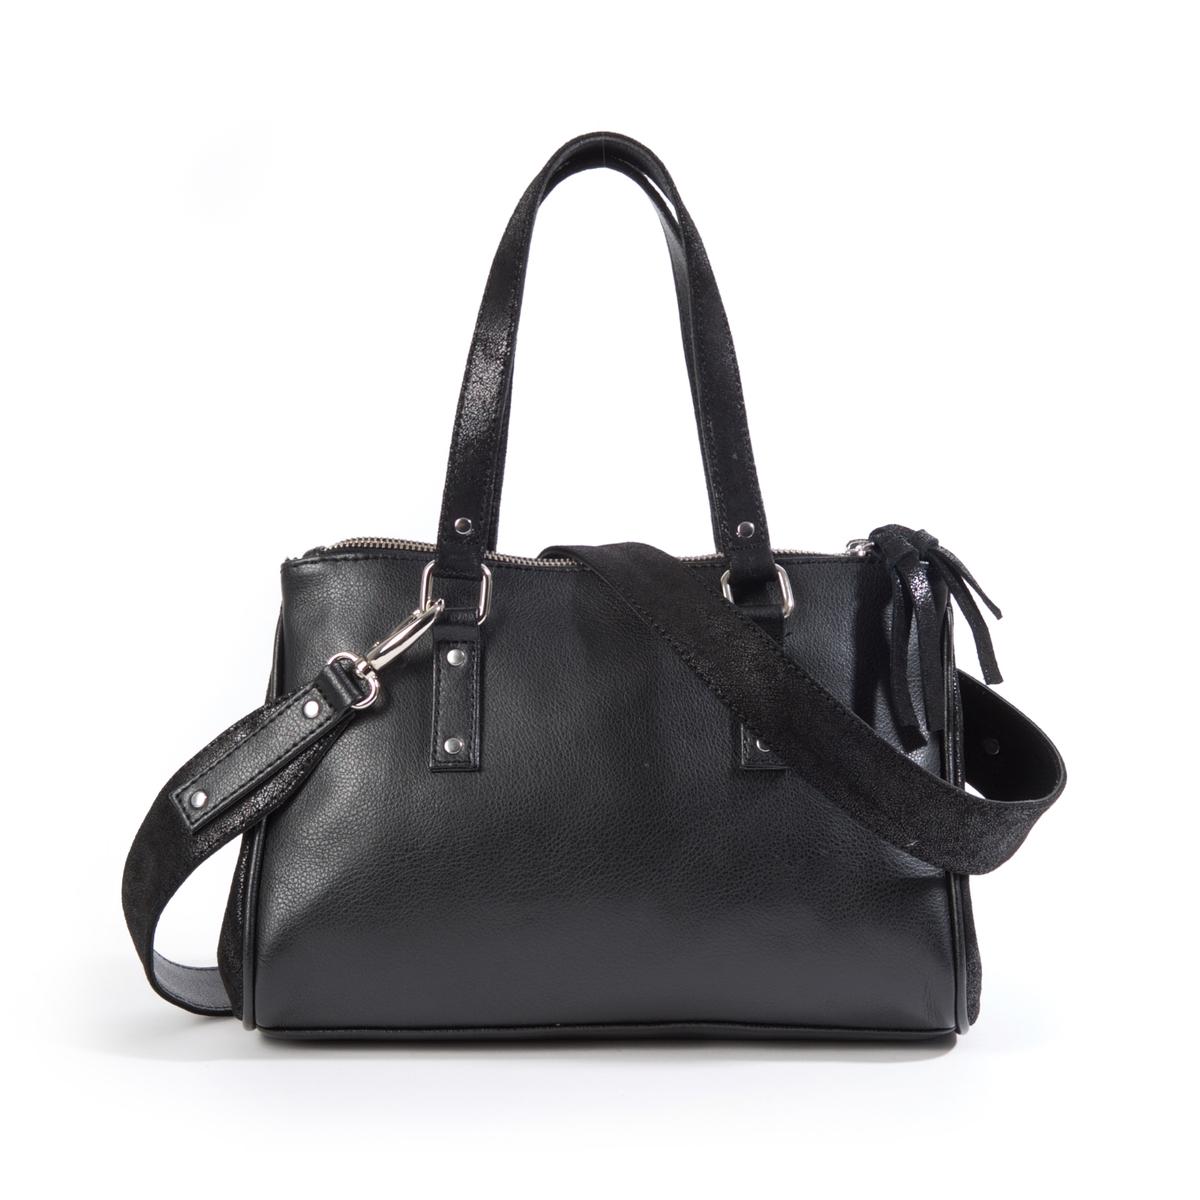 Сумка-шопперПрактичная сумка-шоппер с металлическими люверсами в стиле рок очень вместительна. Состав и описание : Материал : верх из синтетики             подкладка из текстиляРазмеры : 40 x 26 x 10 смЗастежка : молния1 карман на молнии и 2 кармана для мобильного телефона<br><br>Цвет: черный<br>Размер: единый размер